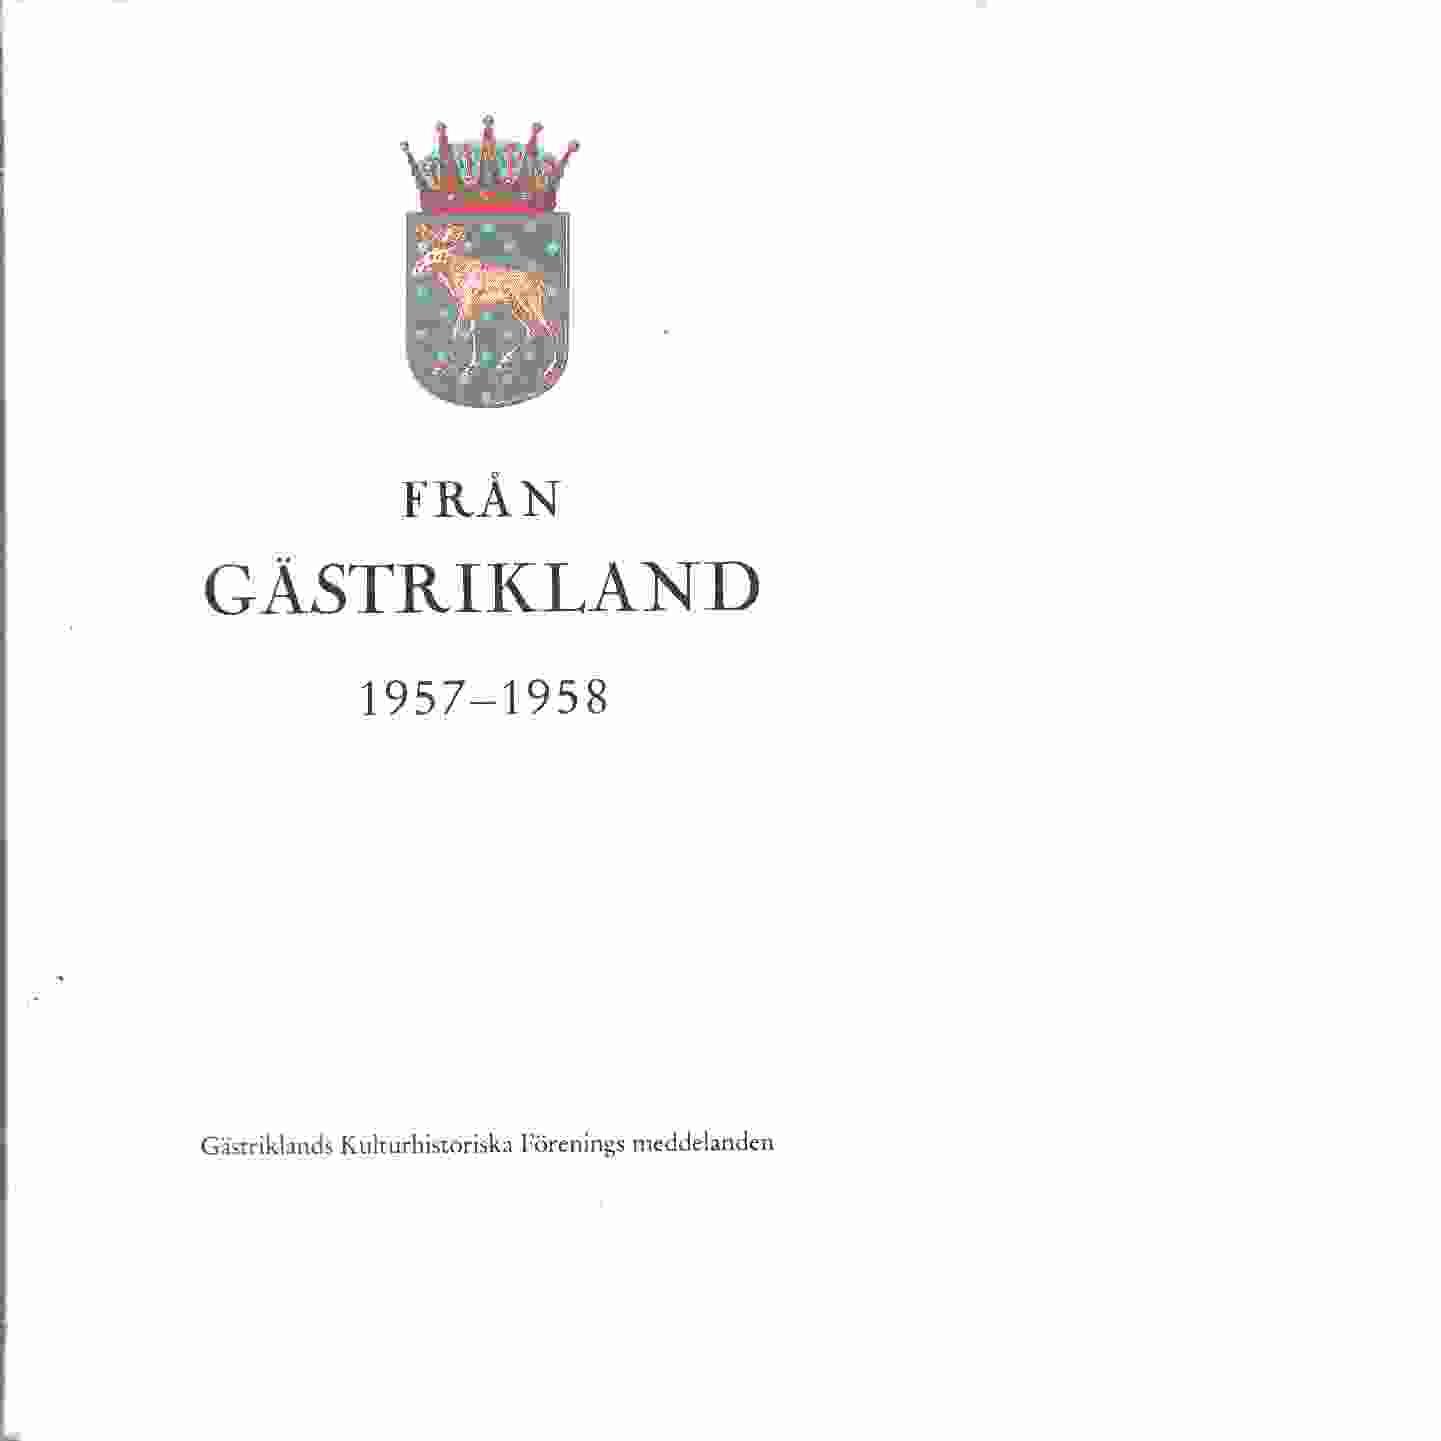 Från Gästrikland 1957-58 - Gästriklands kulturhistoriska förening